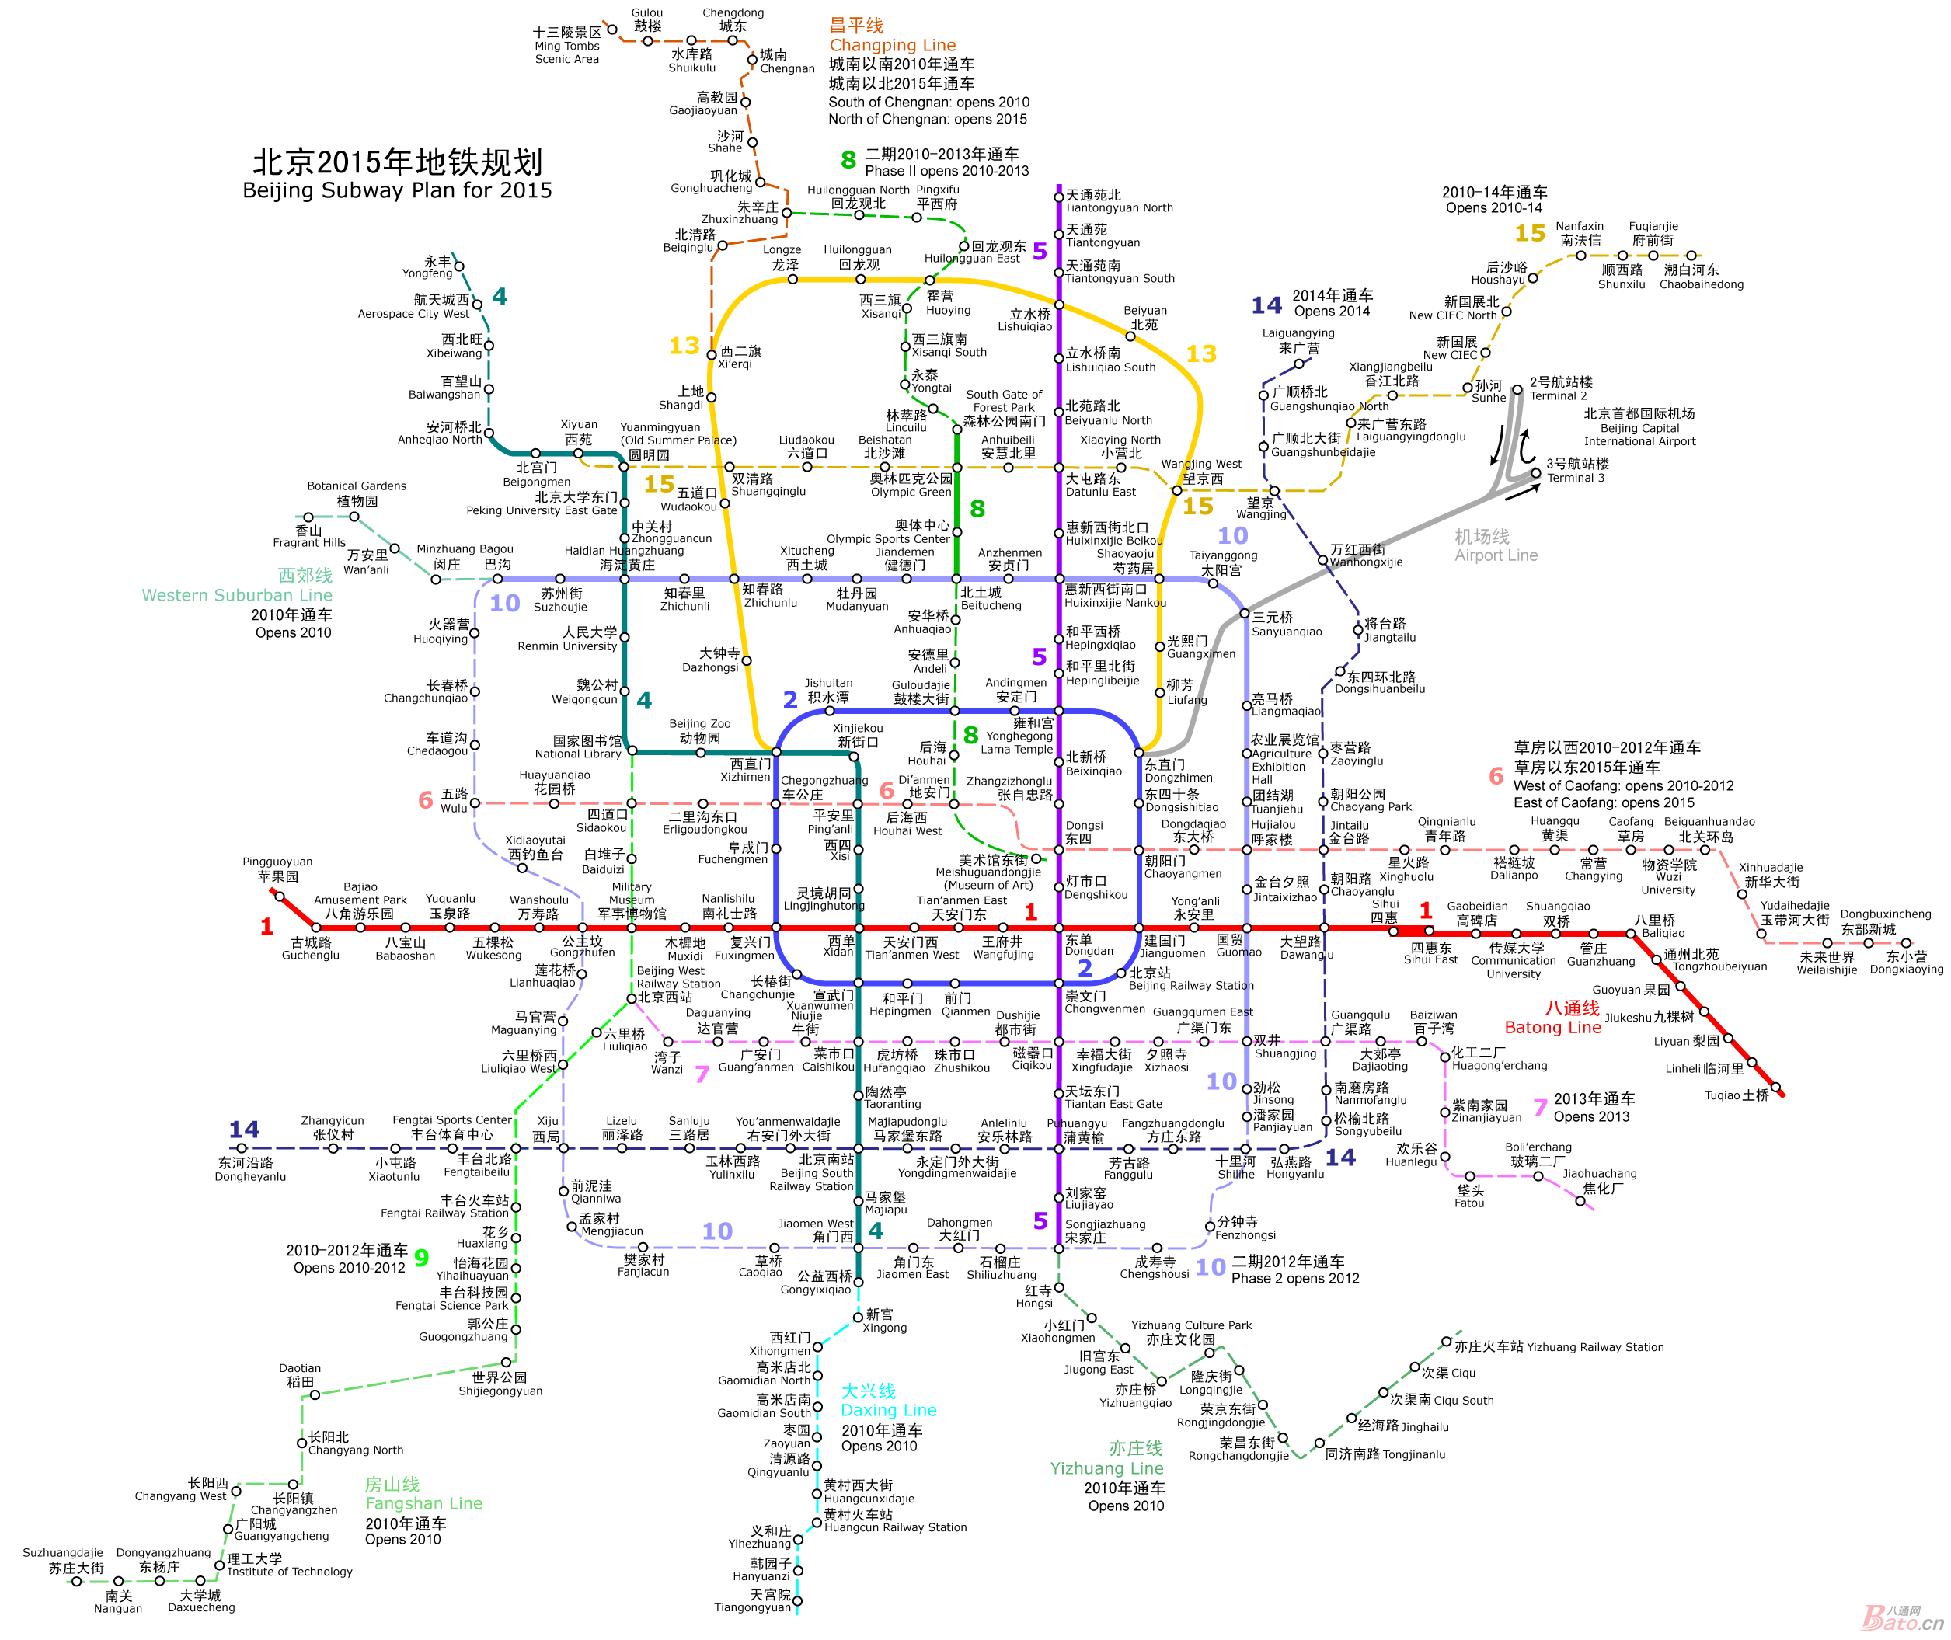 北京新地铁线路图图片